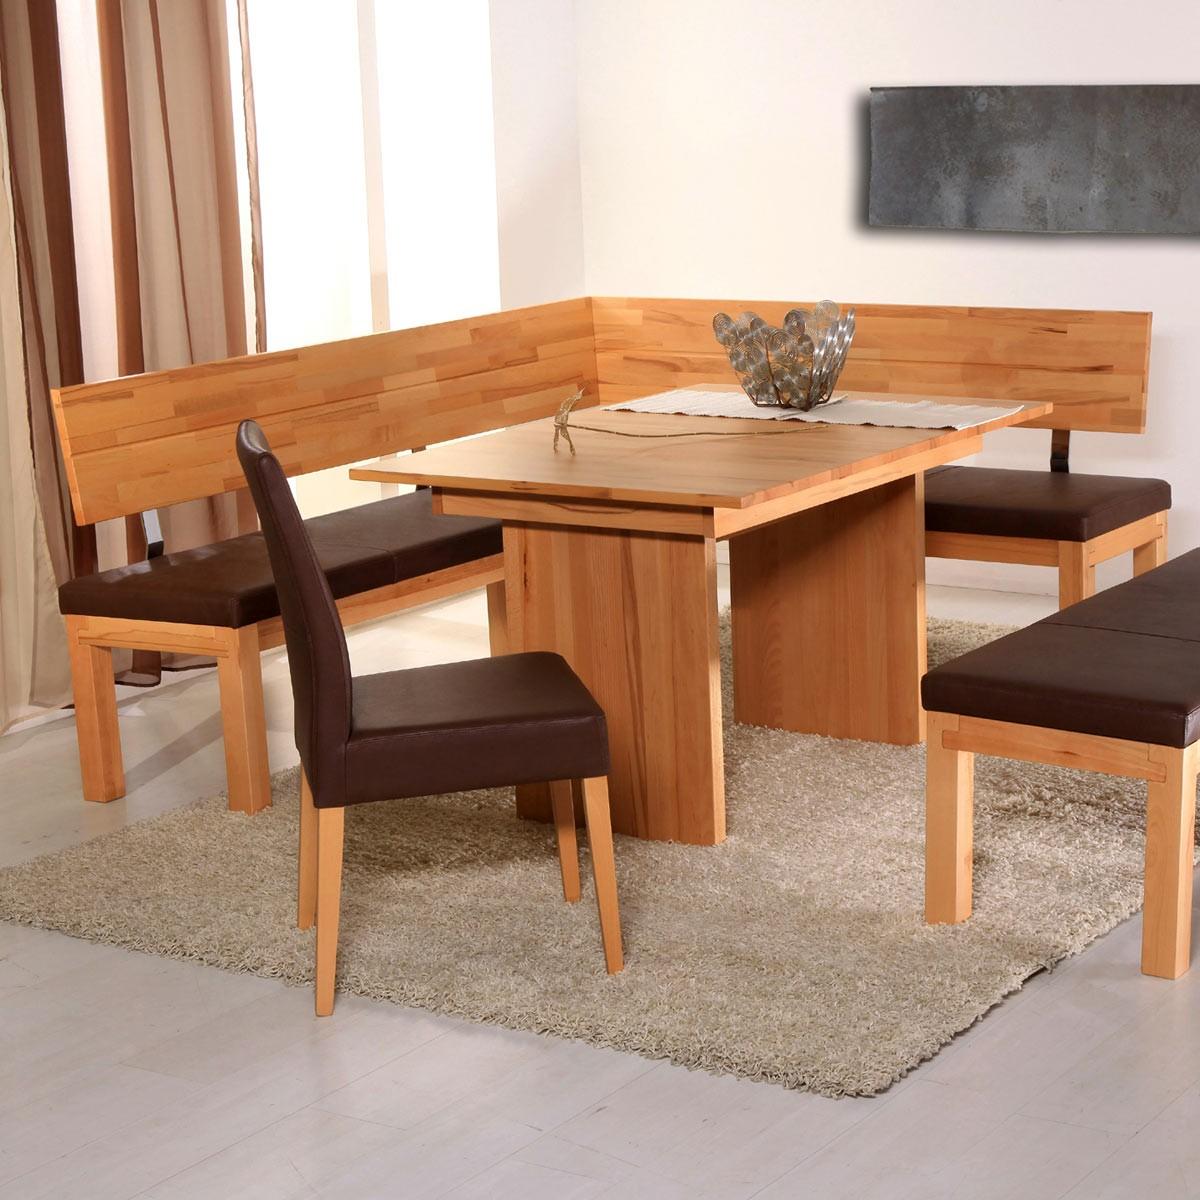 eckbank rustikal leder neuesten design. Black Bedroom Furniture Sets. Home Design Ideas